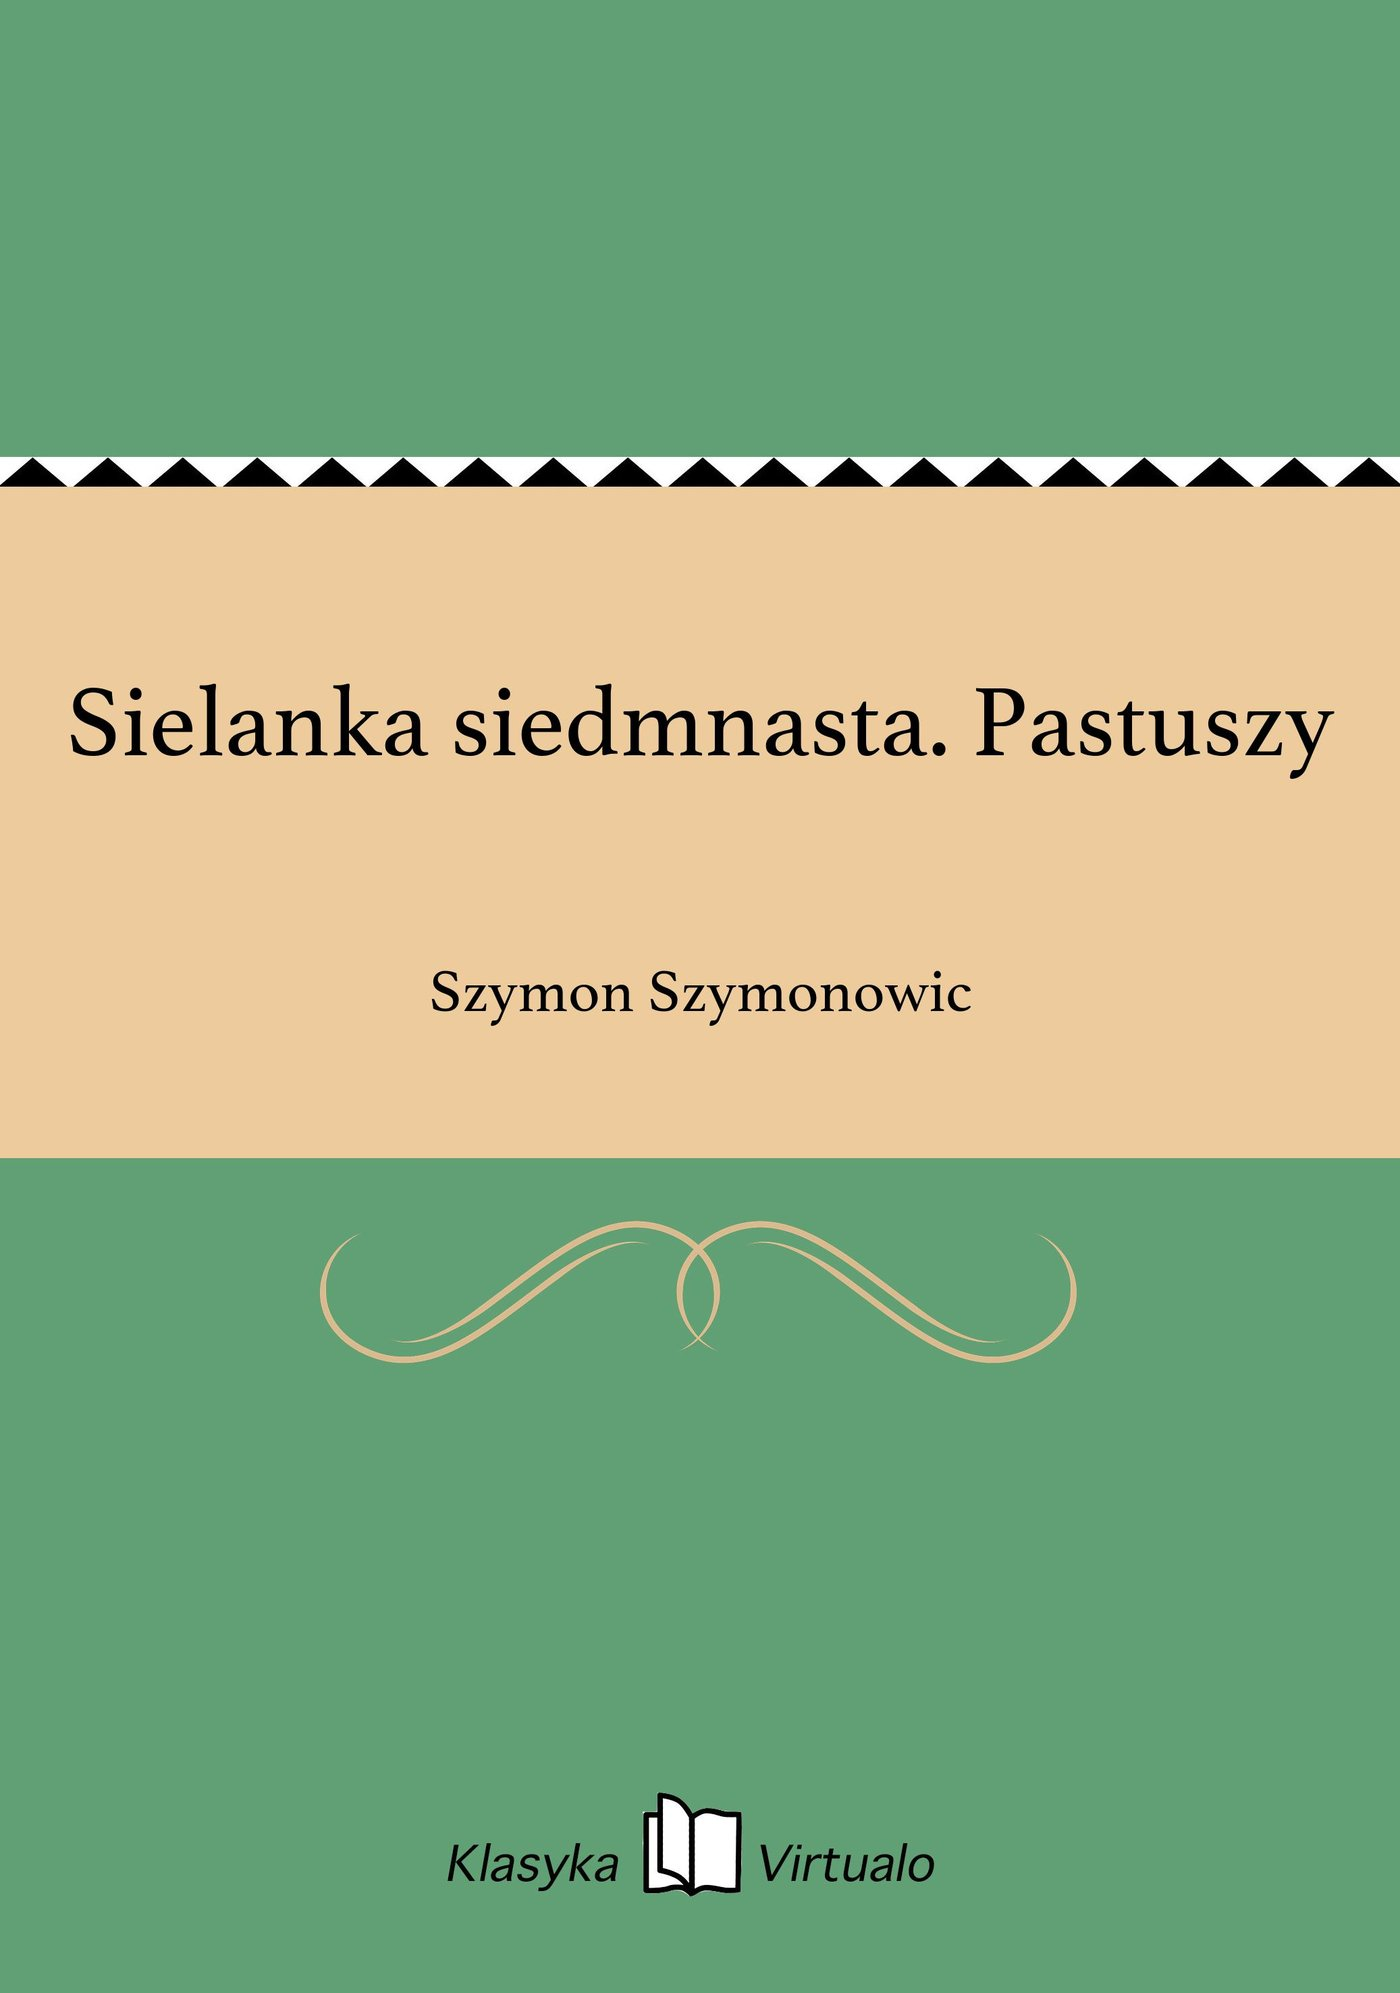 Sielanka siedmnasta. Pastuszy - Ebook (Książka na Kindle) do pobrania w formacie MOBI